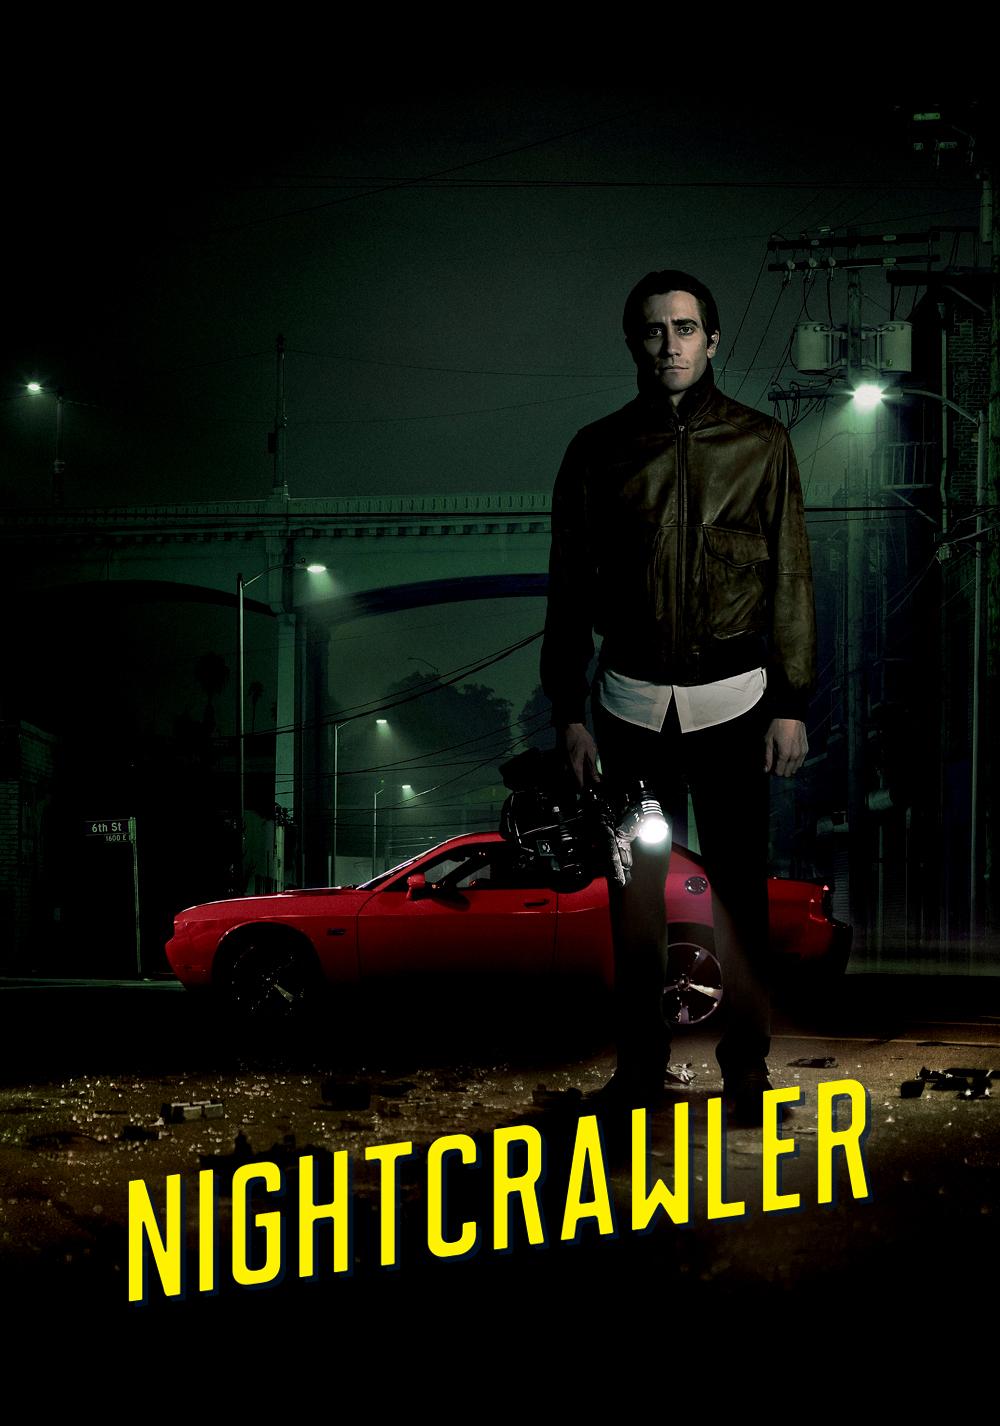 Film Nightcrawler